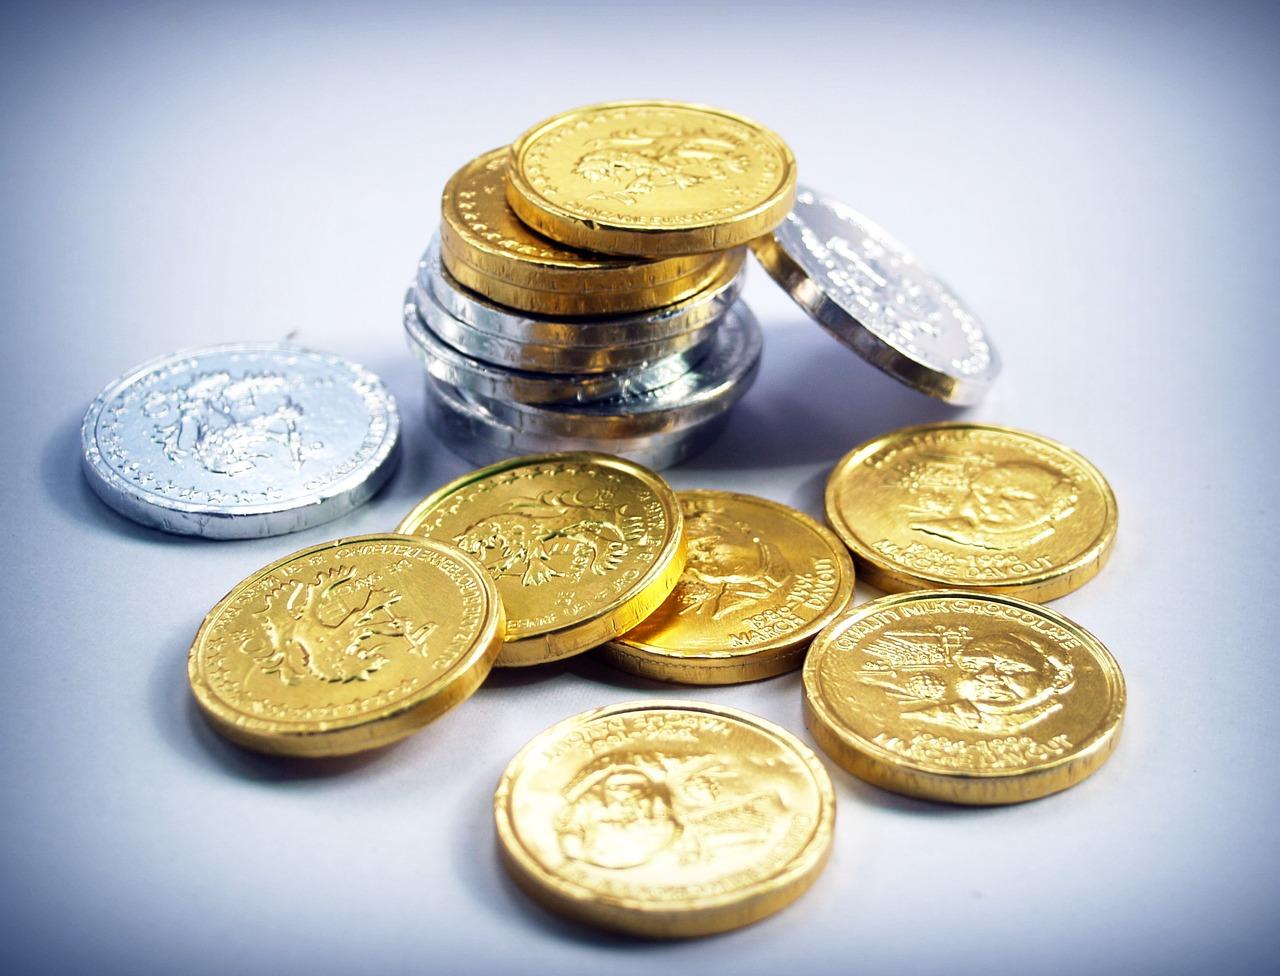 coin-1549059_1280